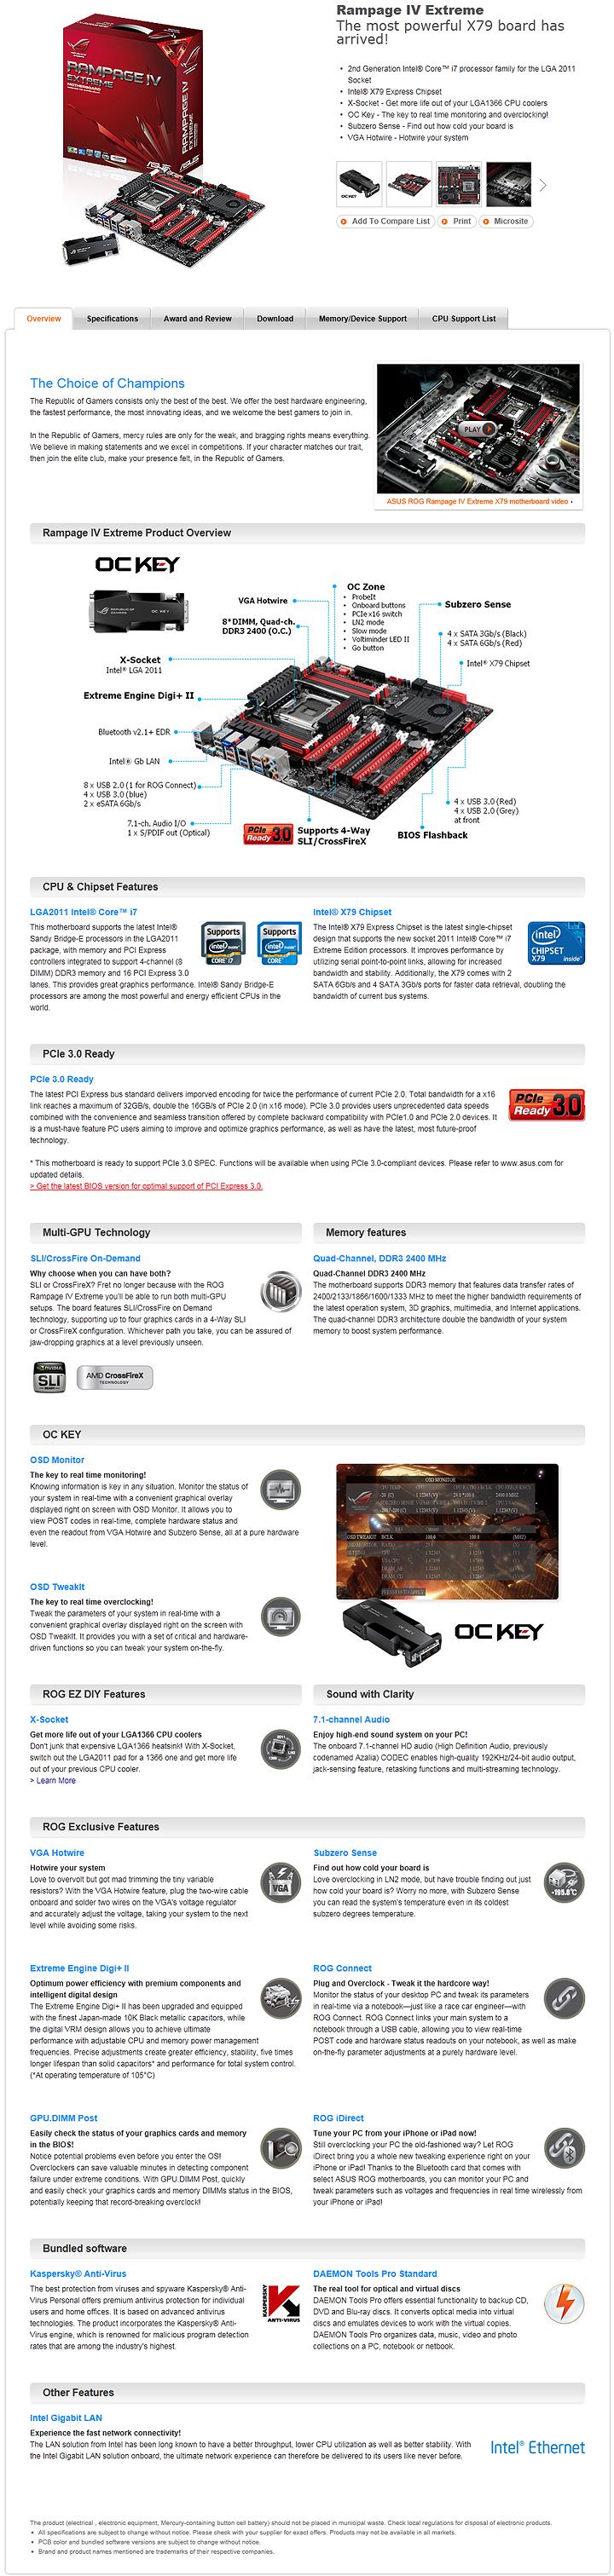 1 27 2012 10 45 00 pm ASUS RAMPAGE IV EXTREME LGA 2011 Motherboard